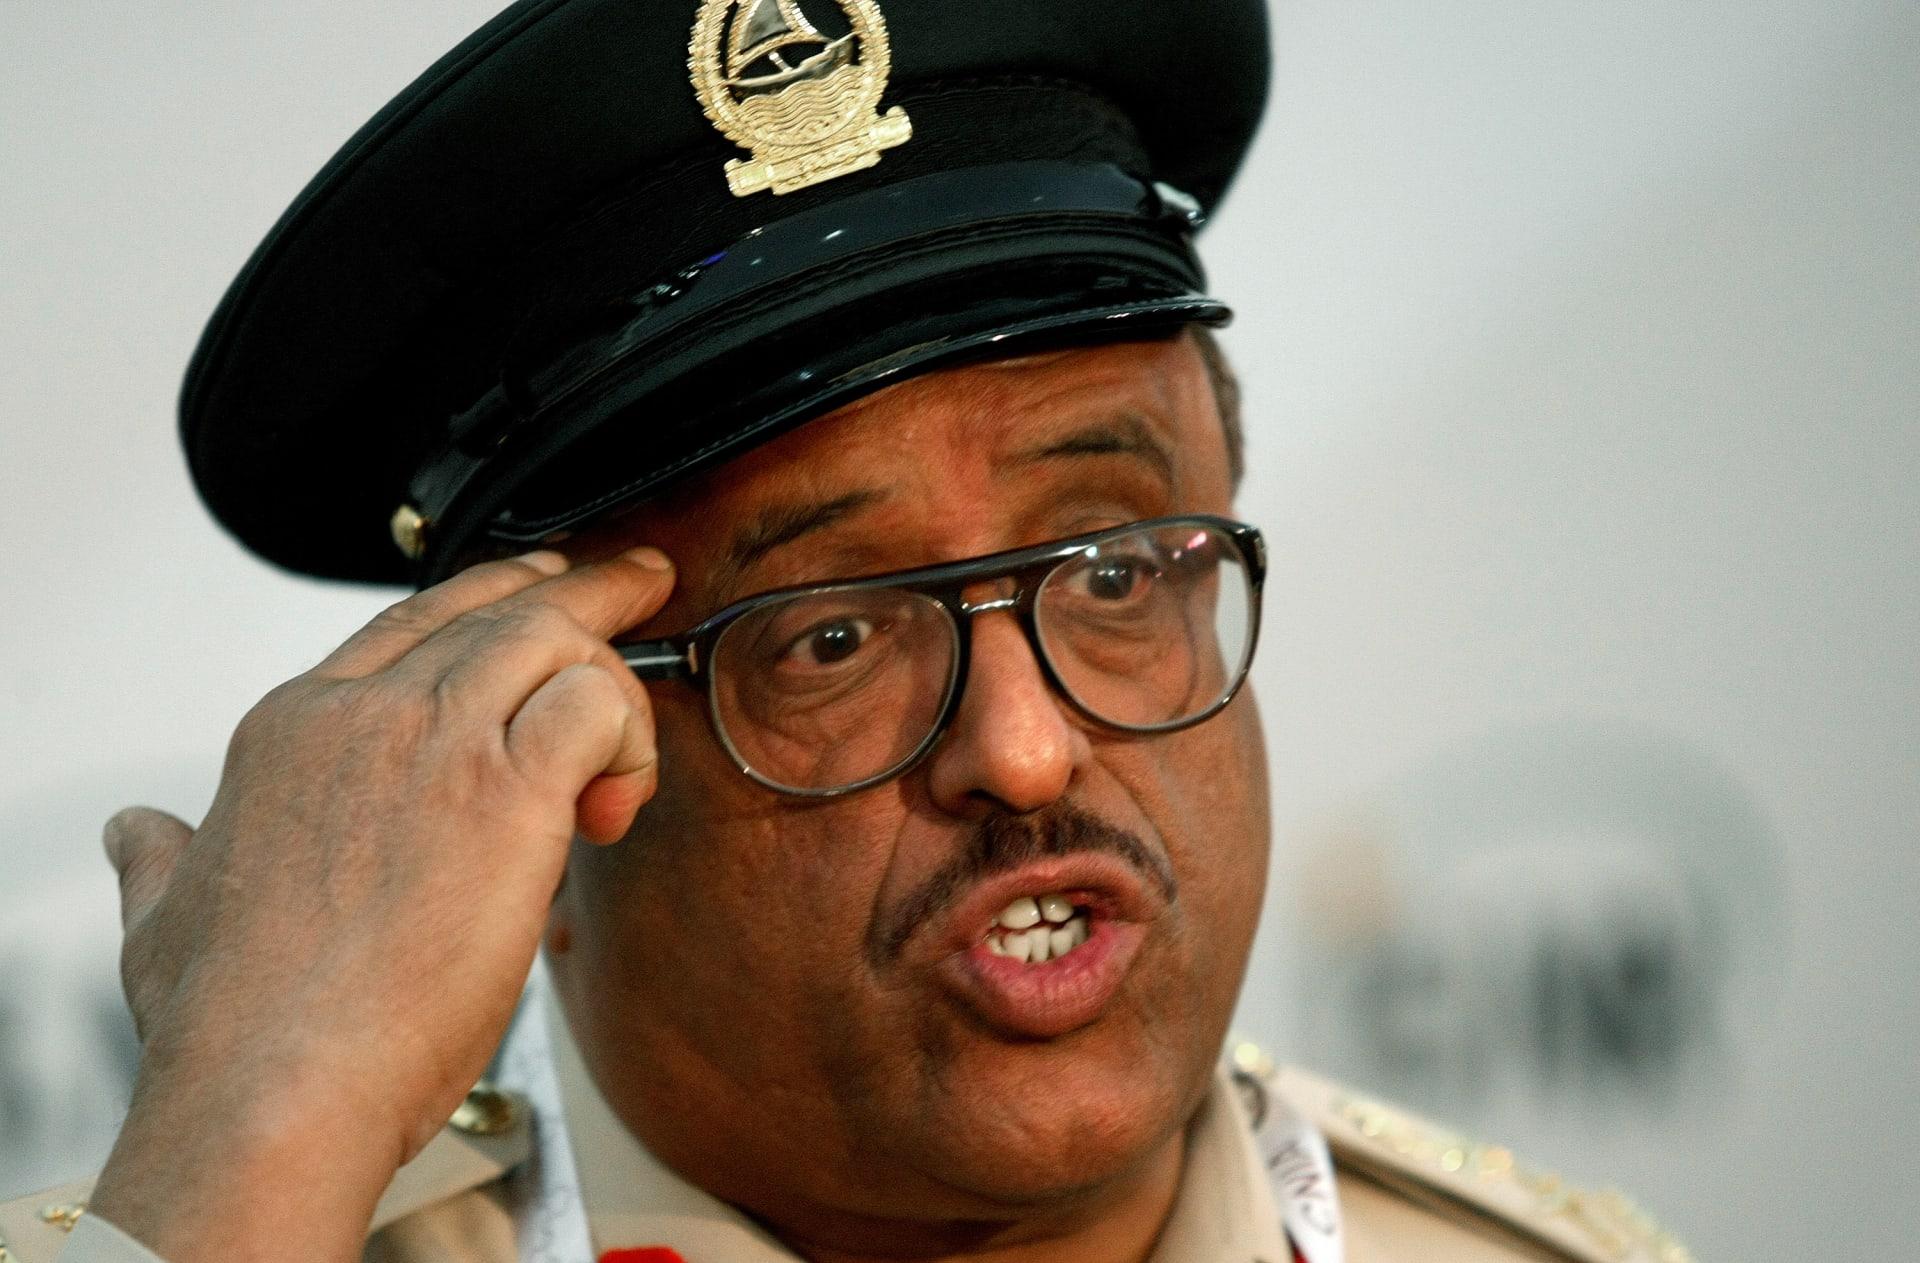 خلفان: المفروض اذا تعرضت مقاتلات قطرية لطائرات مدنية أن تسقط.. وقطر تنفي بيان الهيئة الإماراتية